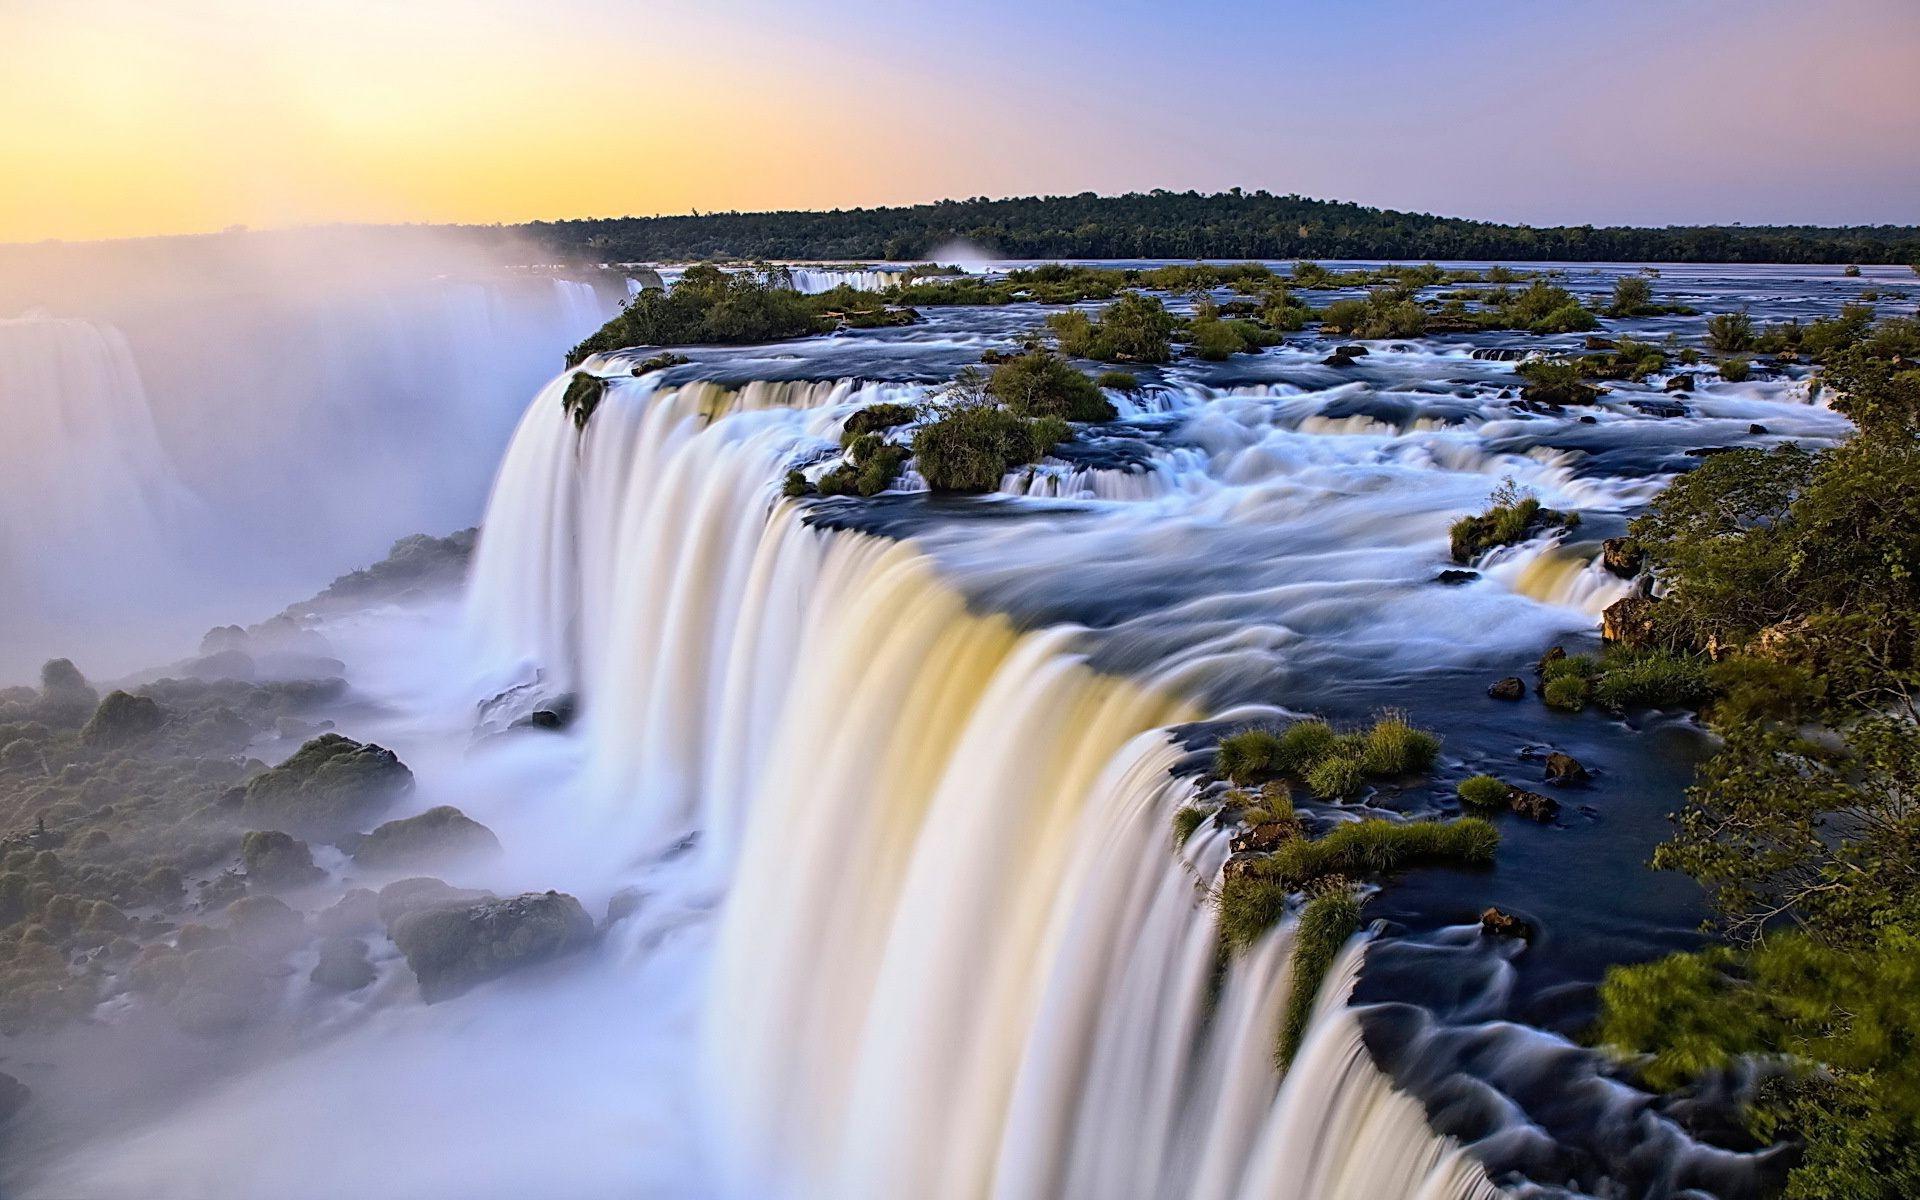 точно картинки на телефон водопады движущиеся море большинстве случаев спасти